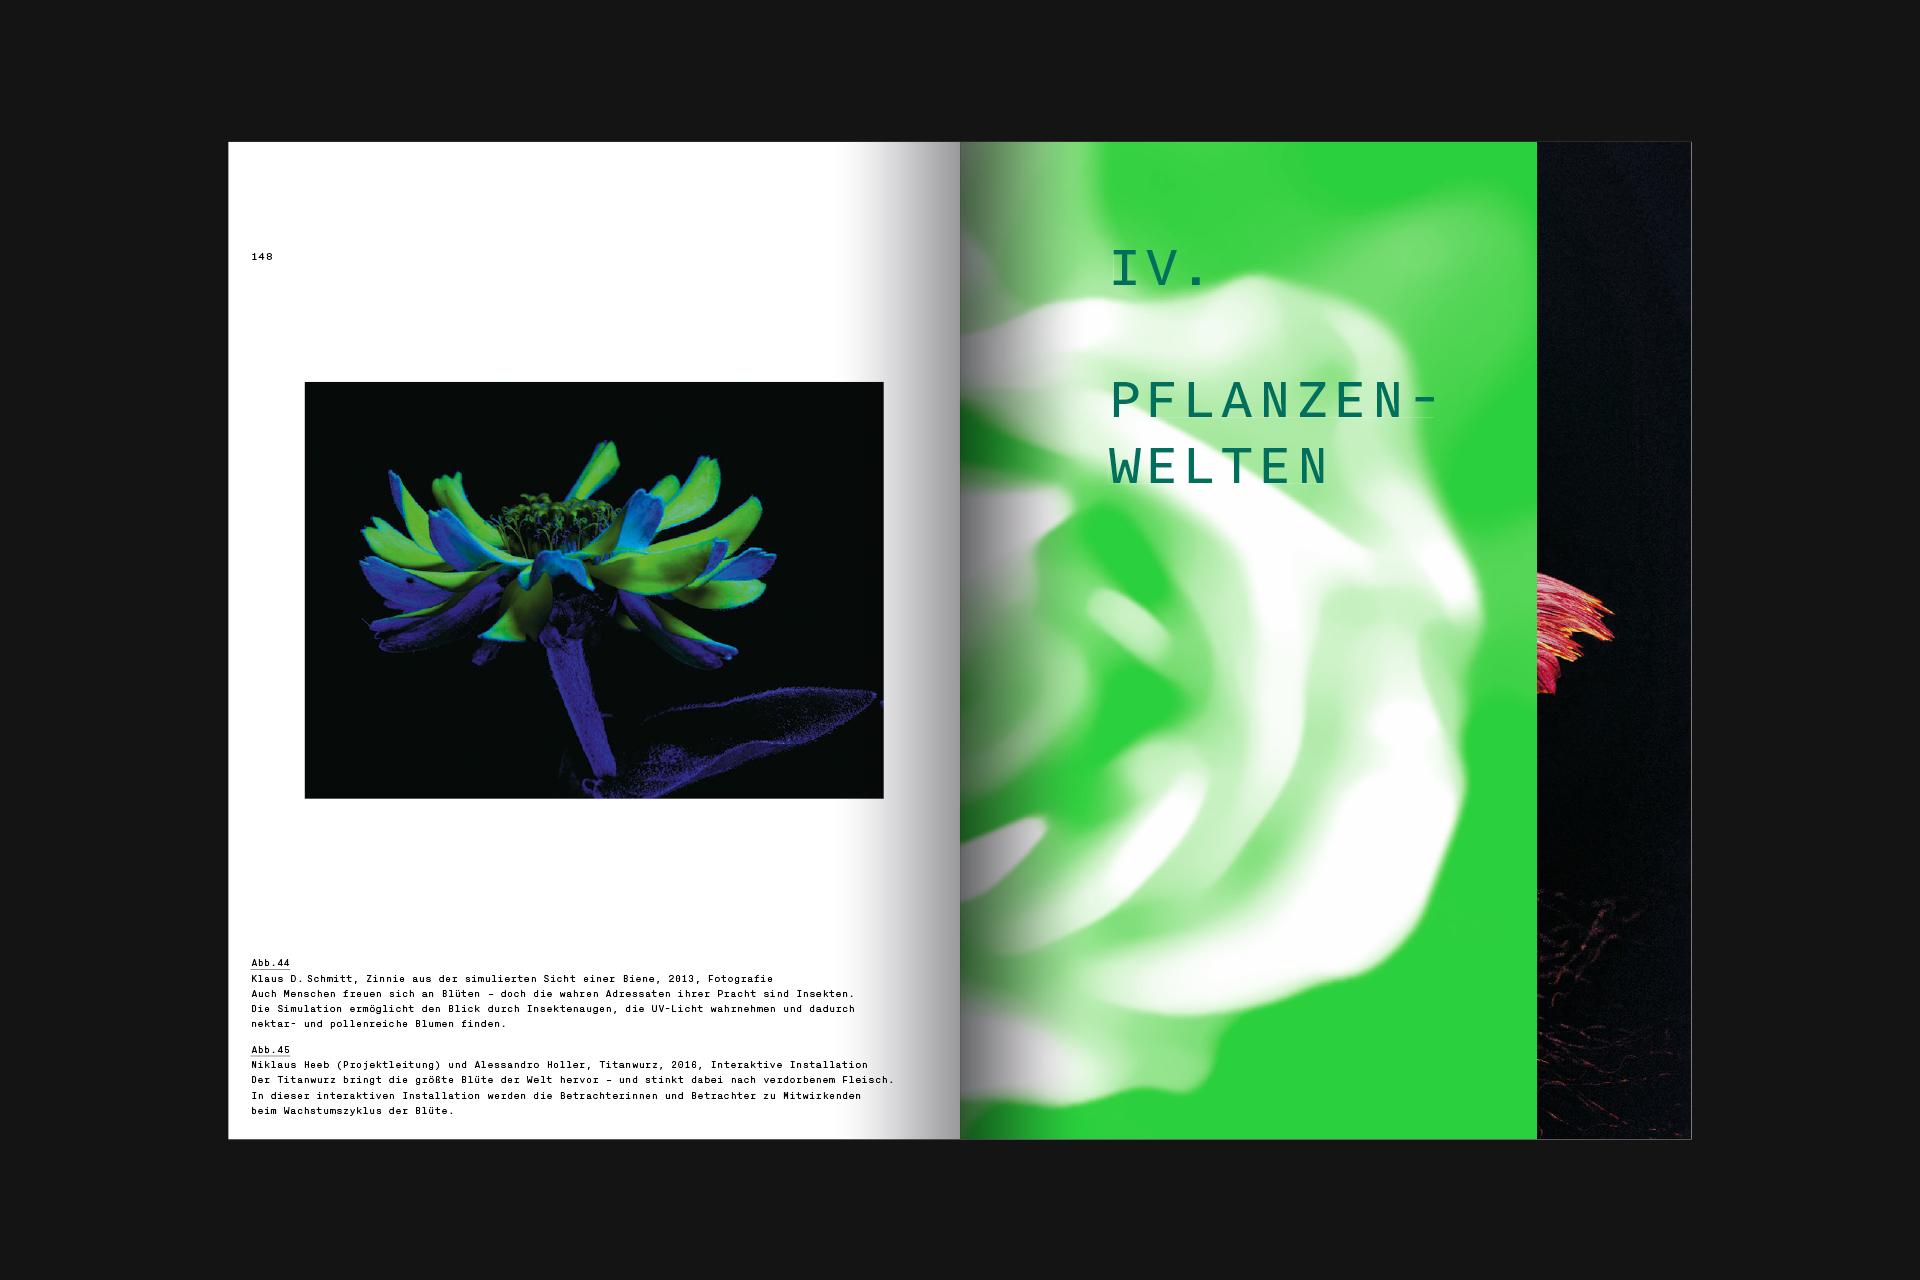 SSW_DHMD_Pflanzen_22